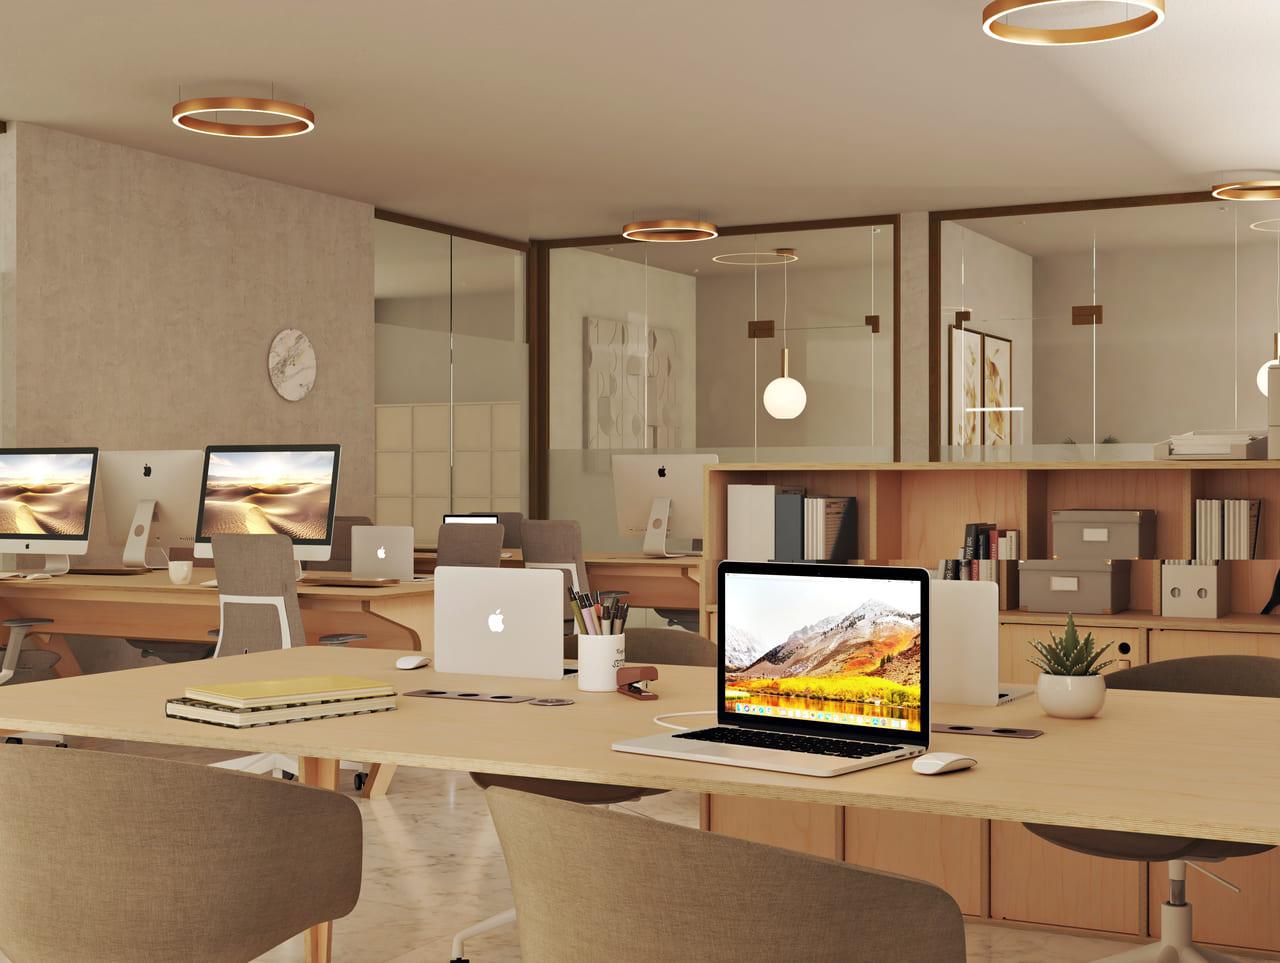 Bureau simple et moderne dans open space au style contemporain avec prises électriques sur le plateau, ordinateurs portables et petite plante